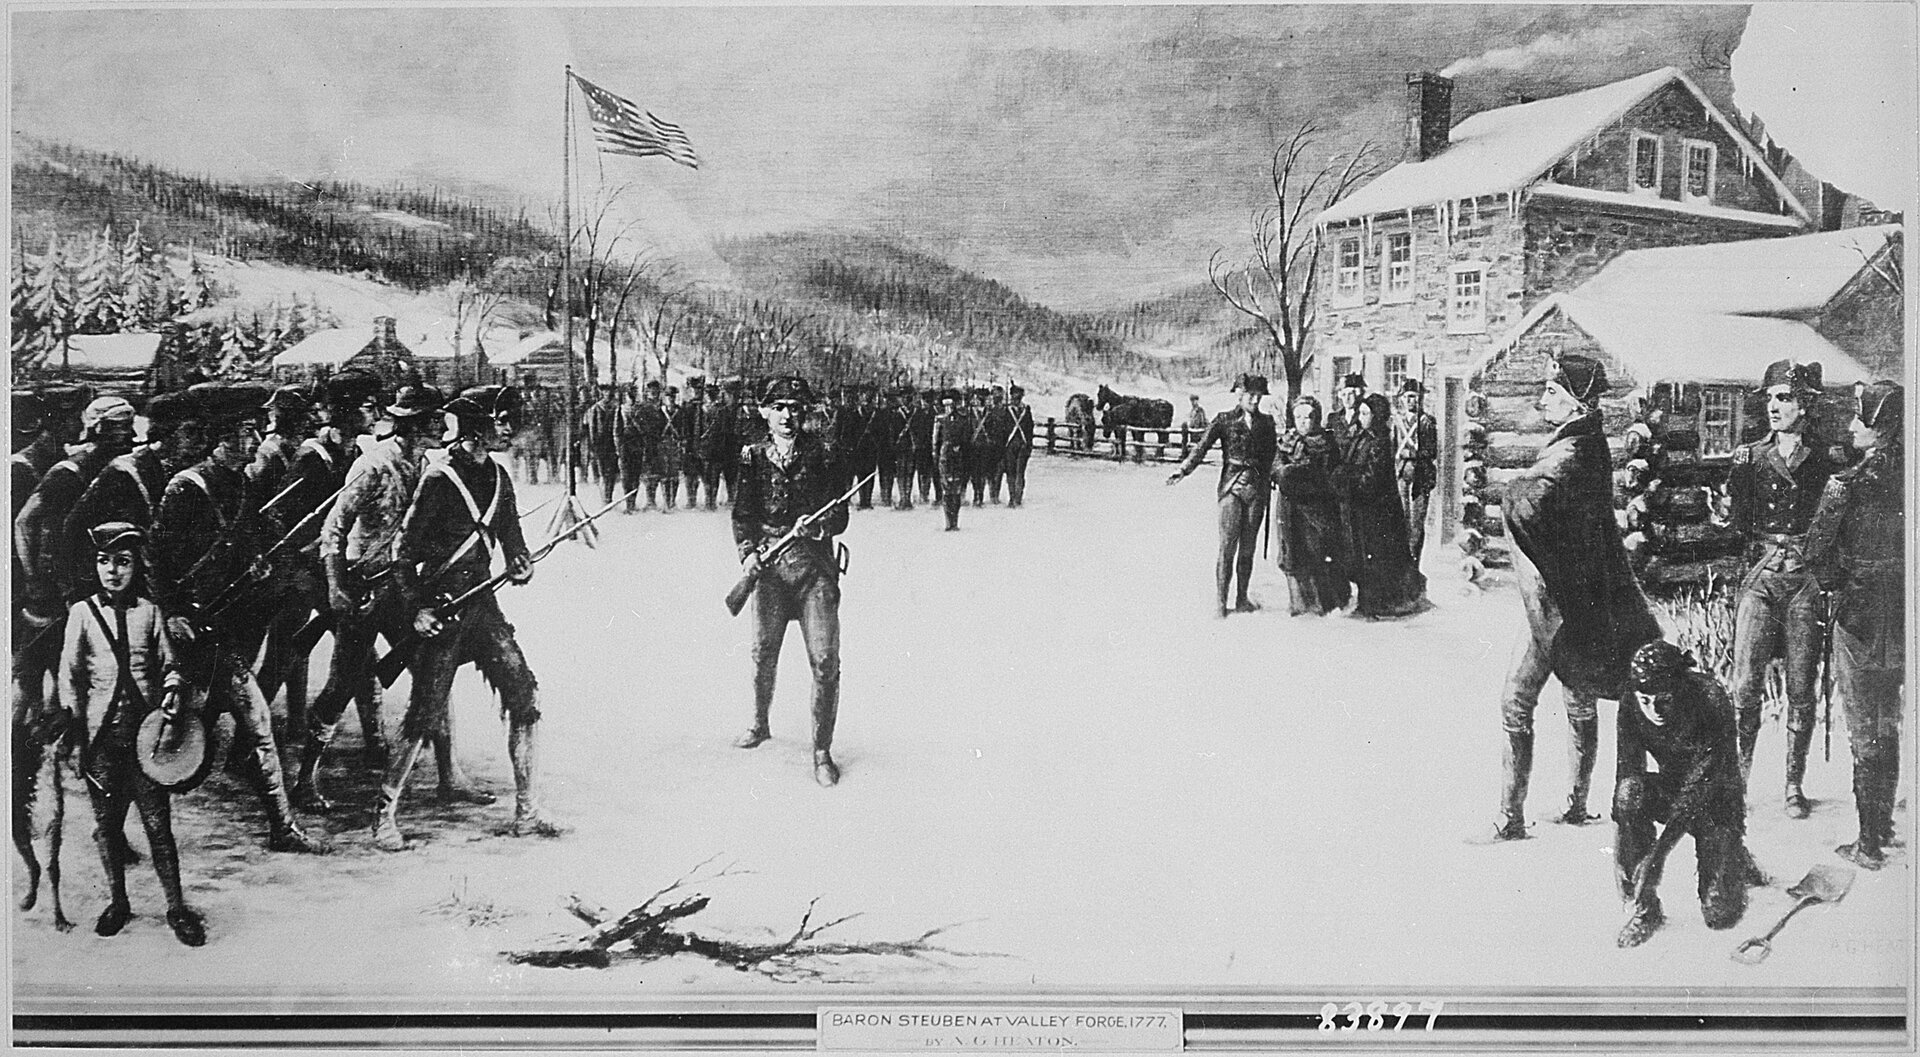 Generał von Steubena Obrazprezentujący gen. von Steubena który szkolił armię kontynentalną wValley Forge po początkowych klęskach armii rewolucyjnej. Ochotnicza armia dowodzona przez gen. Jerzego Waszyngtona początkowo nie miała szans wstarciu zregularnymi, dobrze przeszkolonymi oddziałami brytyjskimi. Dopiero mordercze ćwiczenia narzucone przez dawnego pruskiego oficera przekształciły armię amerykańską wsiłę zdolną pokonywać Brytyjczyków. Źródło: Generał von Steubena, 1777, National Archives and Records Administration, College Park, domena publiczna.